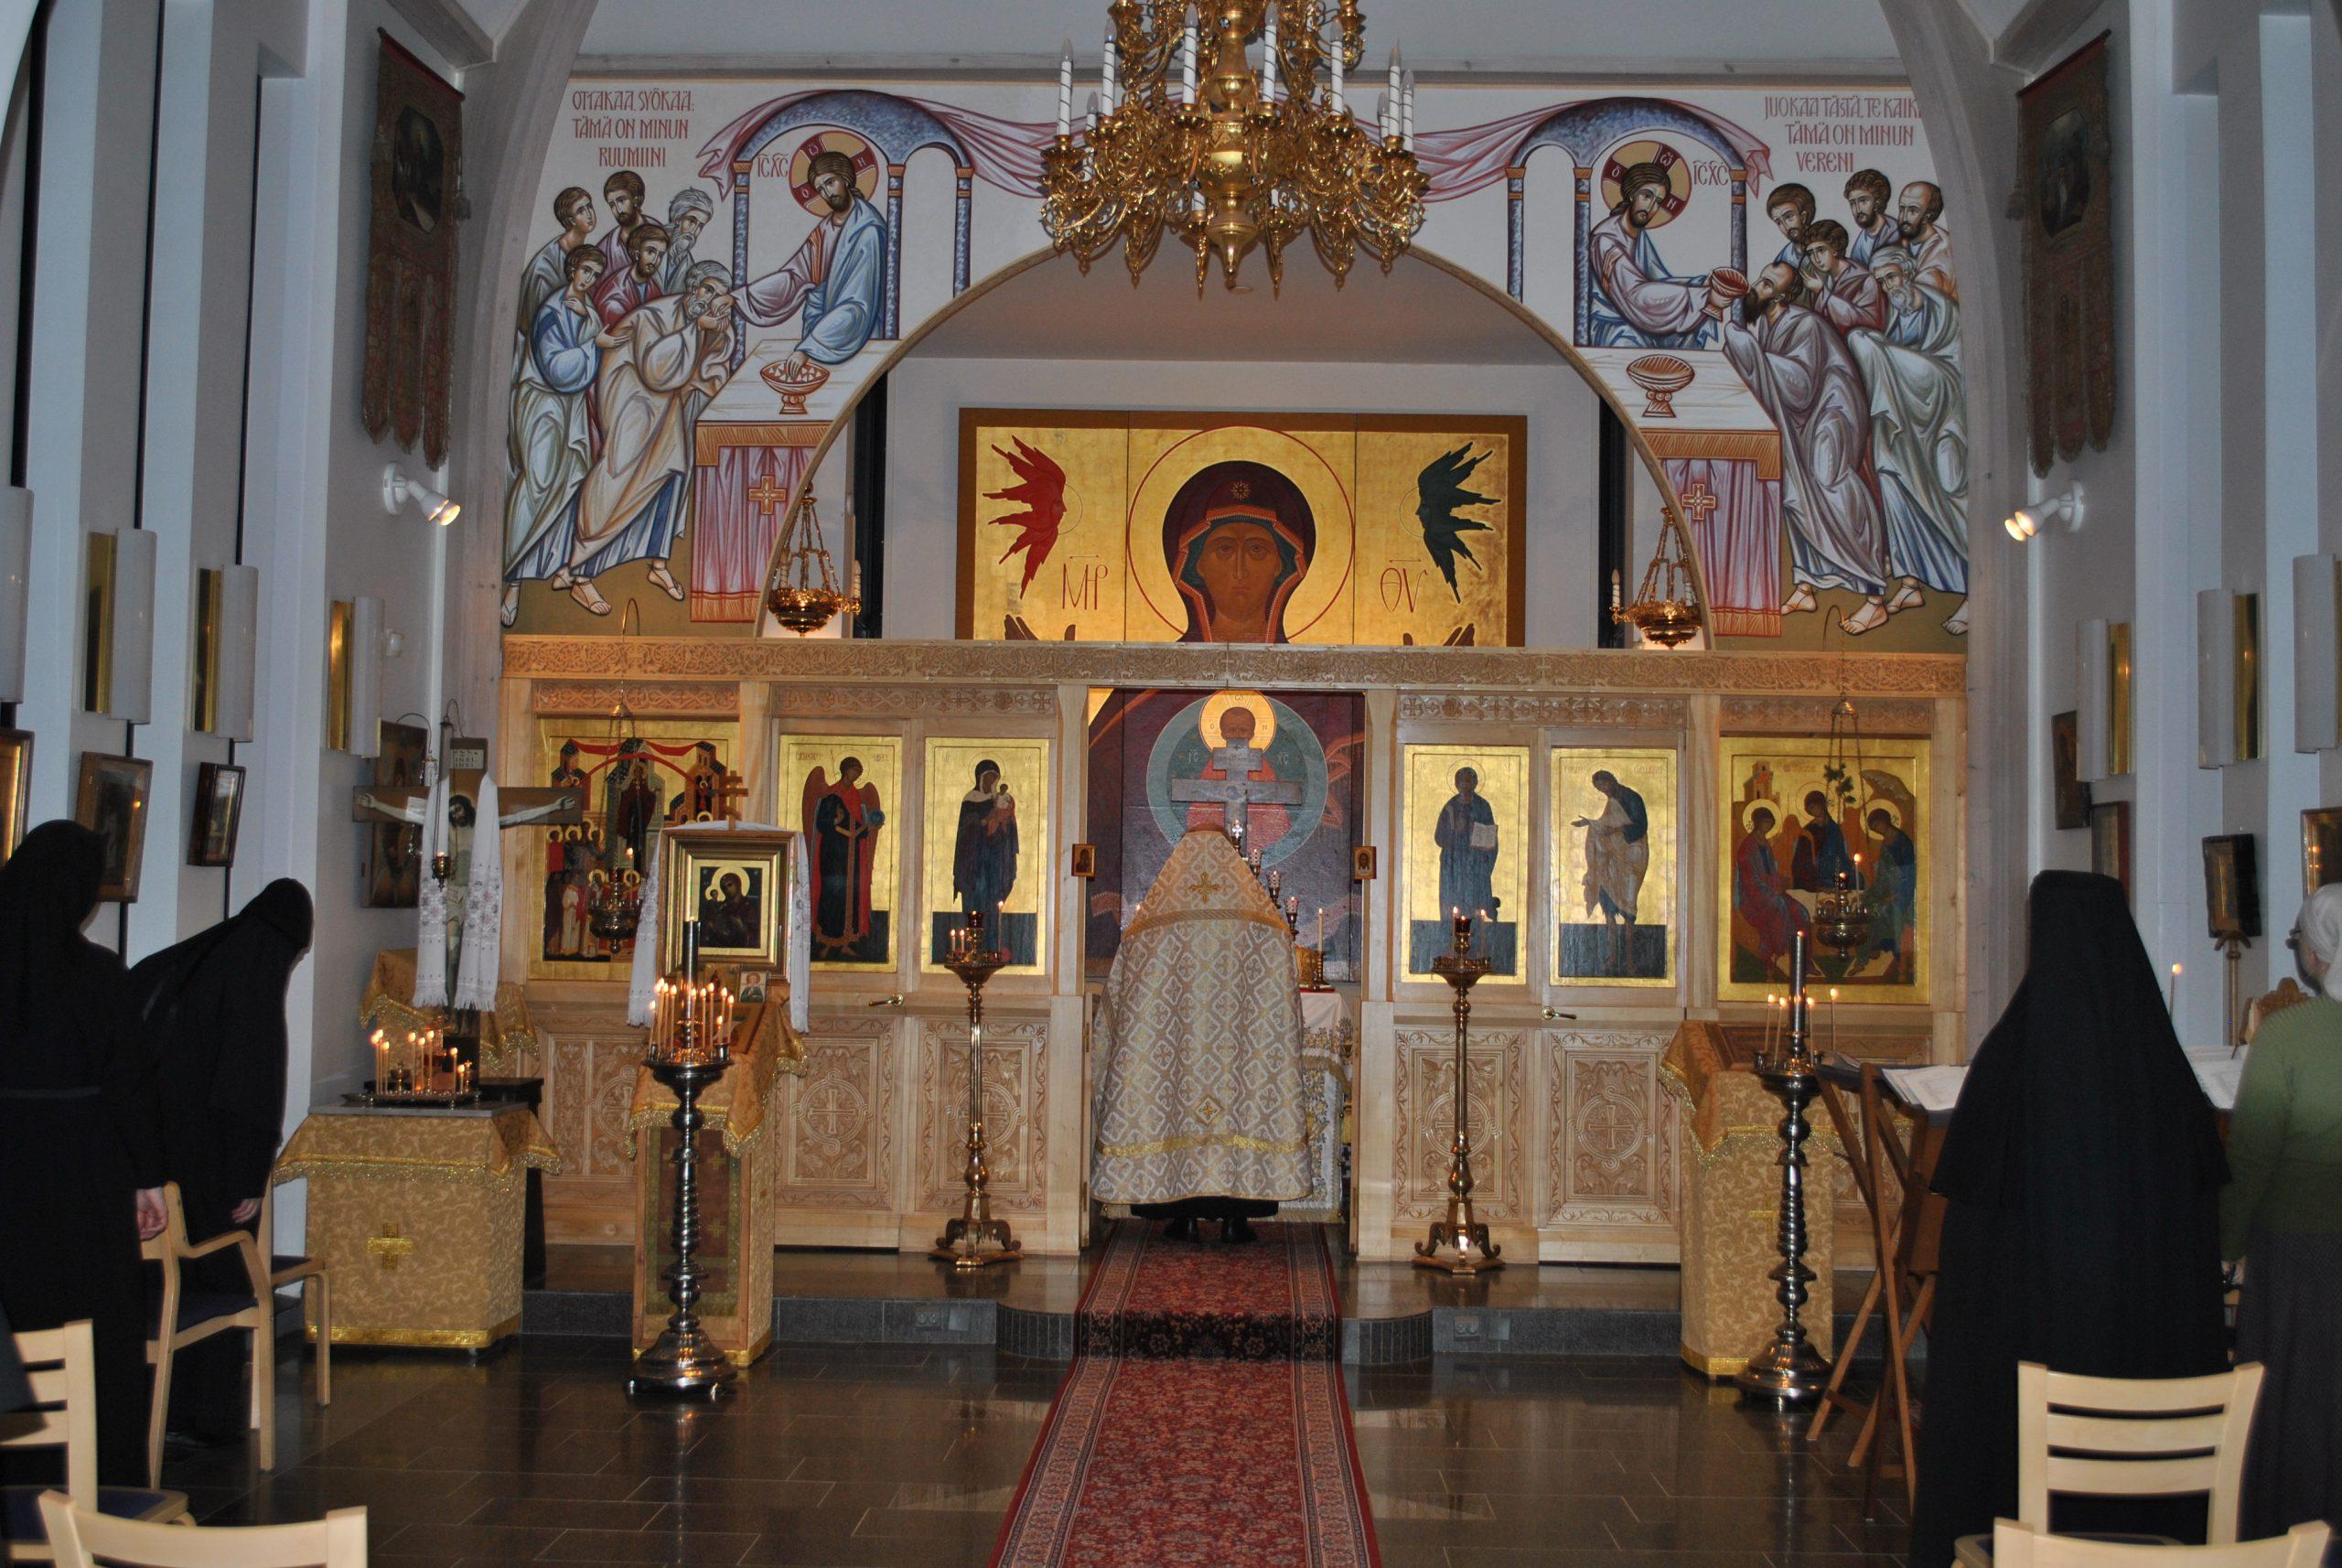 Lintulan luostarin Pyhän Kolminaisuuden kirkko